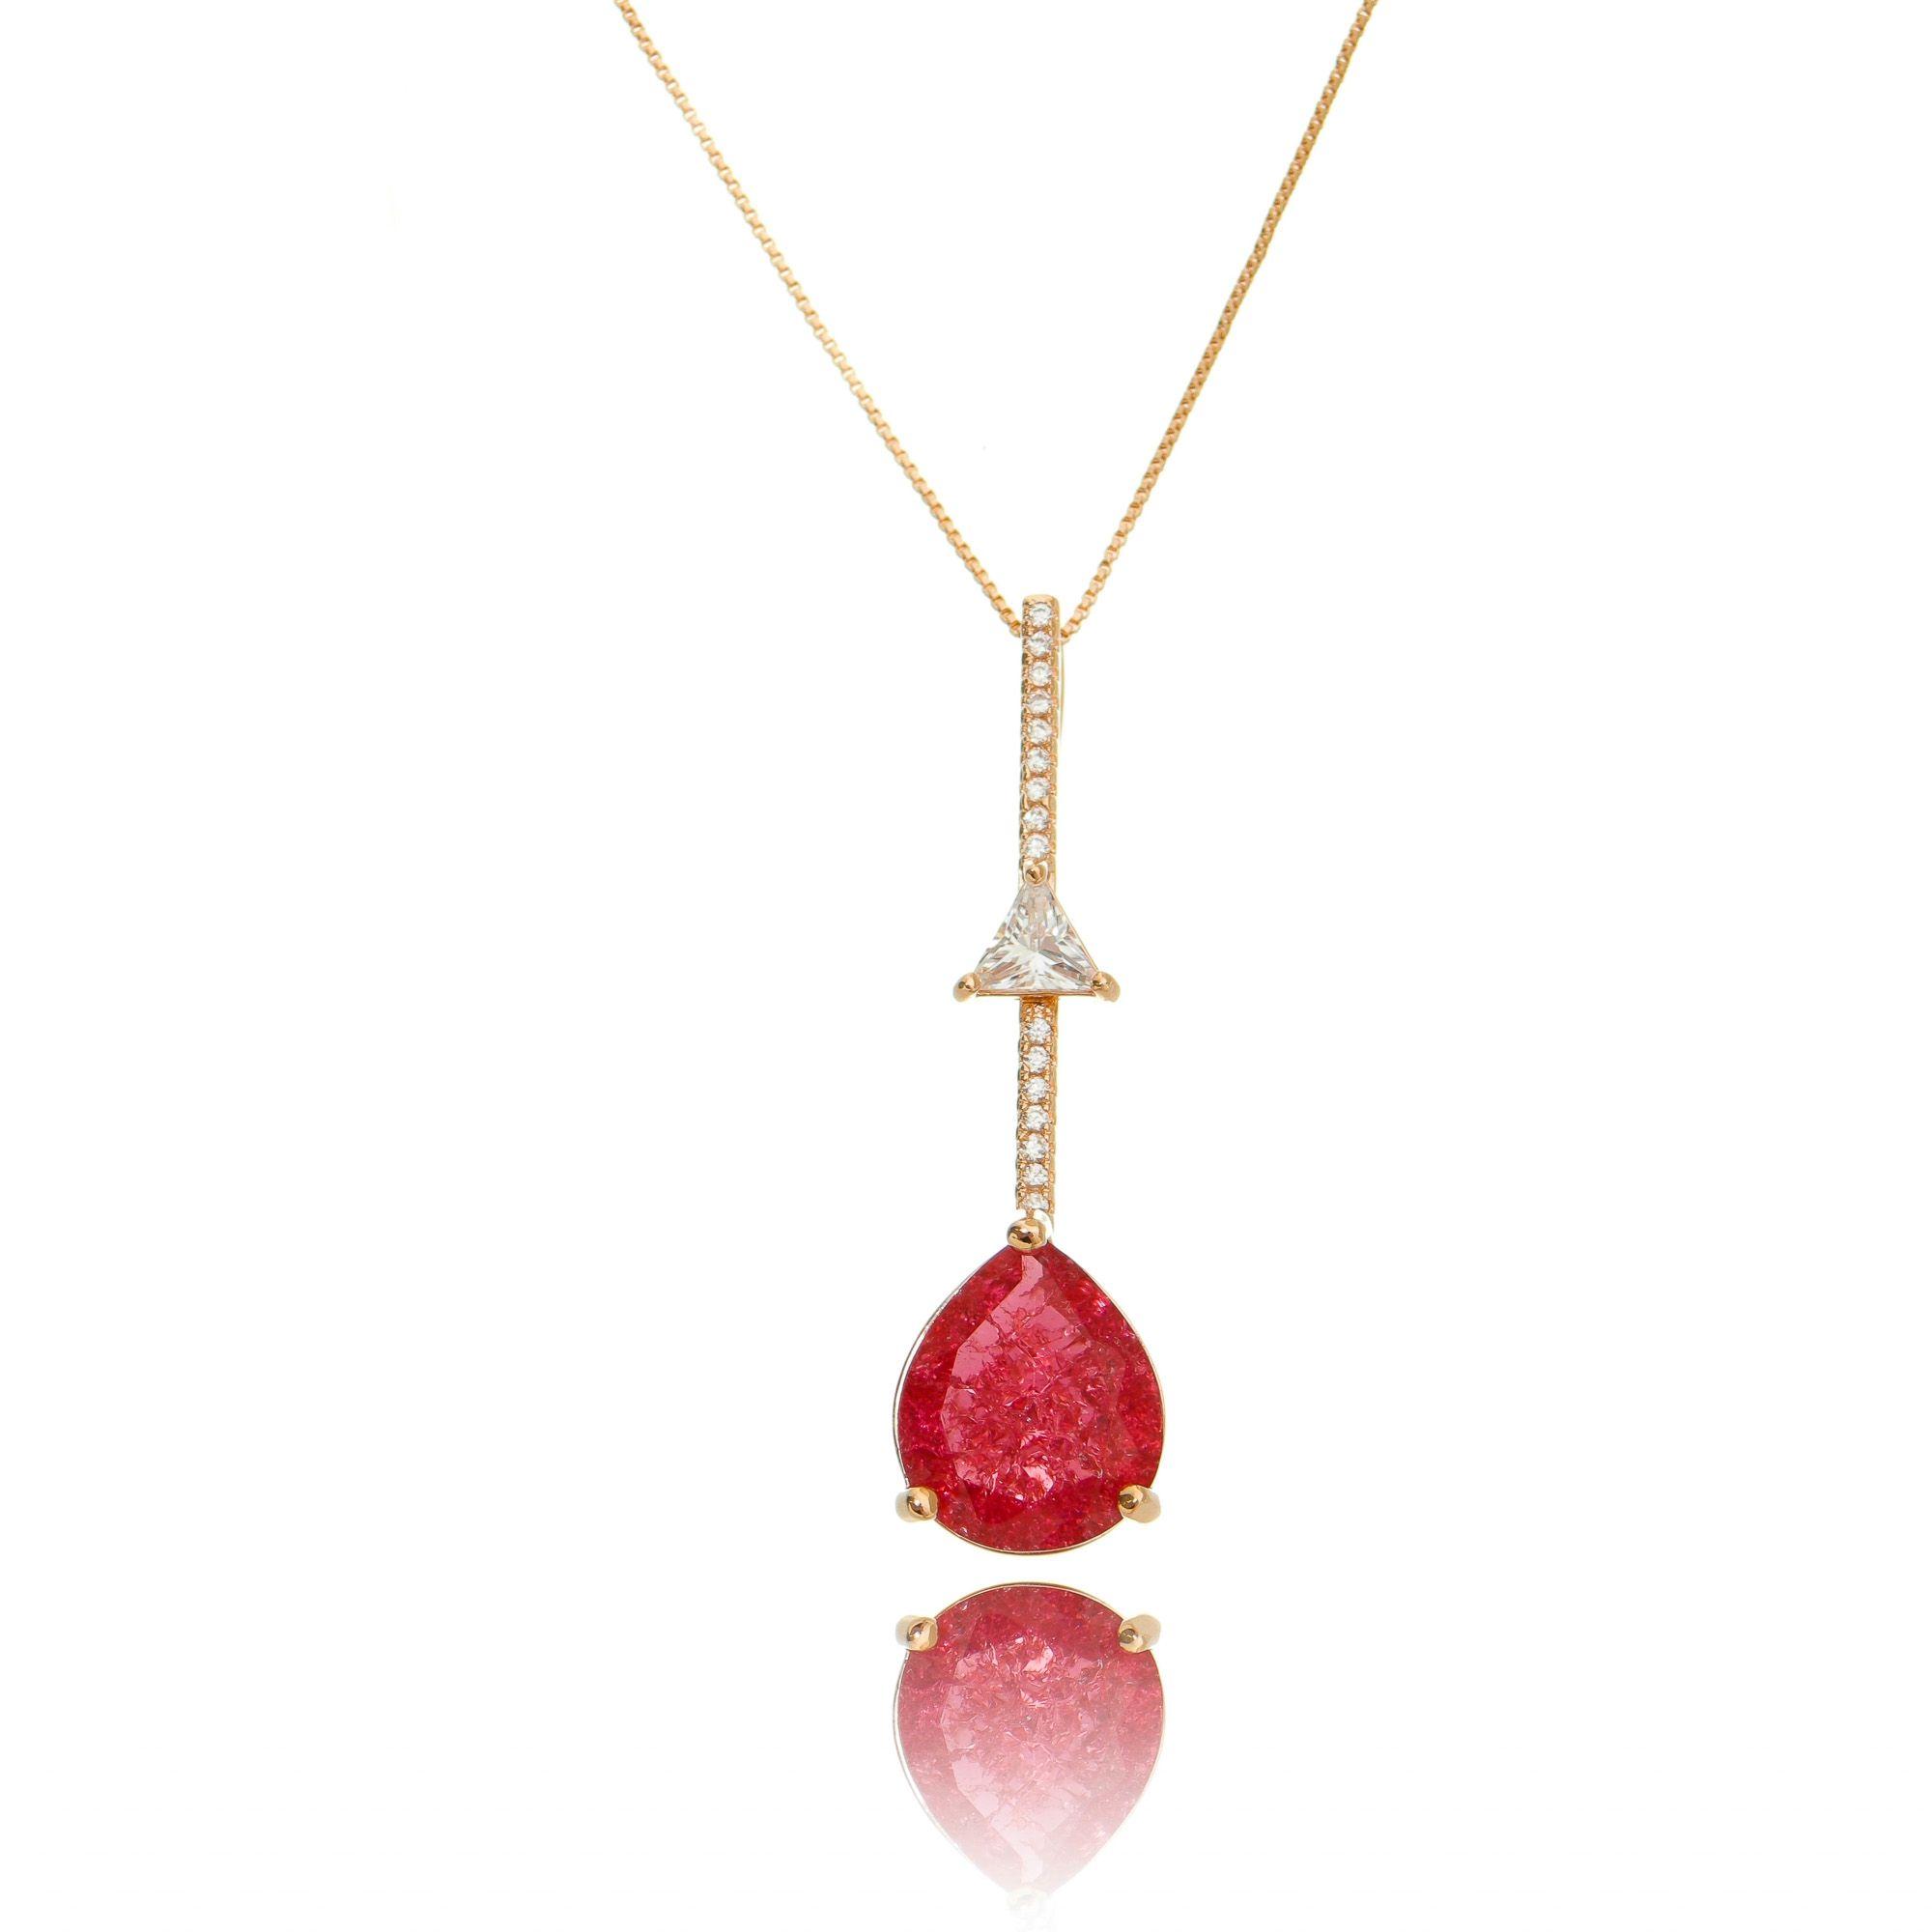 Colar Pingente Cristal Zircônia e Gota Rubi Fusion Semijoia Exclusiva em Ouro Rosé  - Soloyou